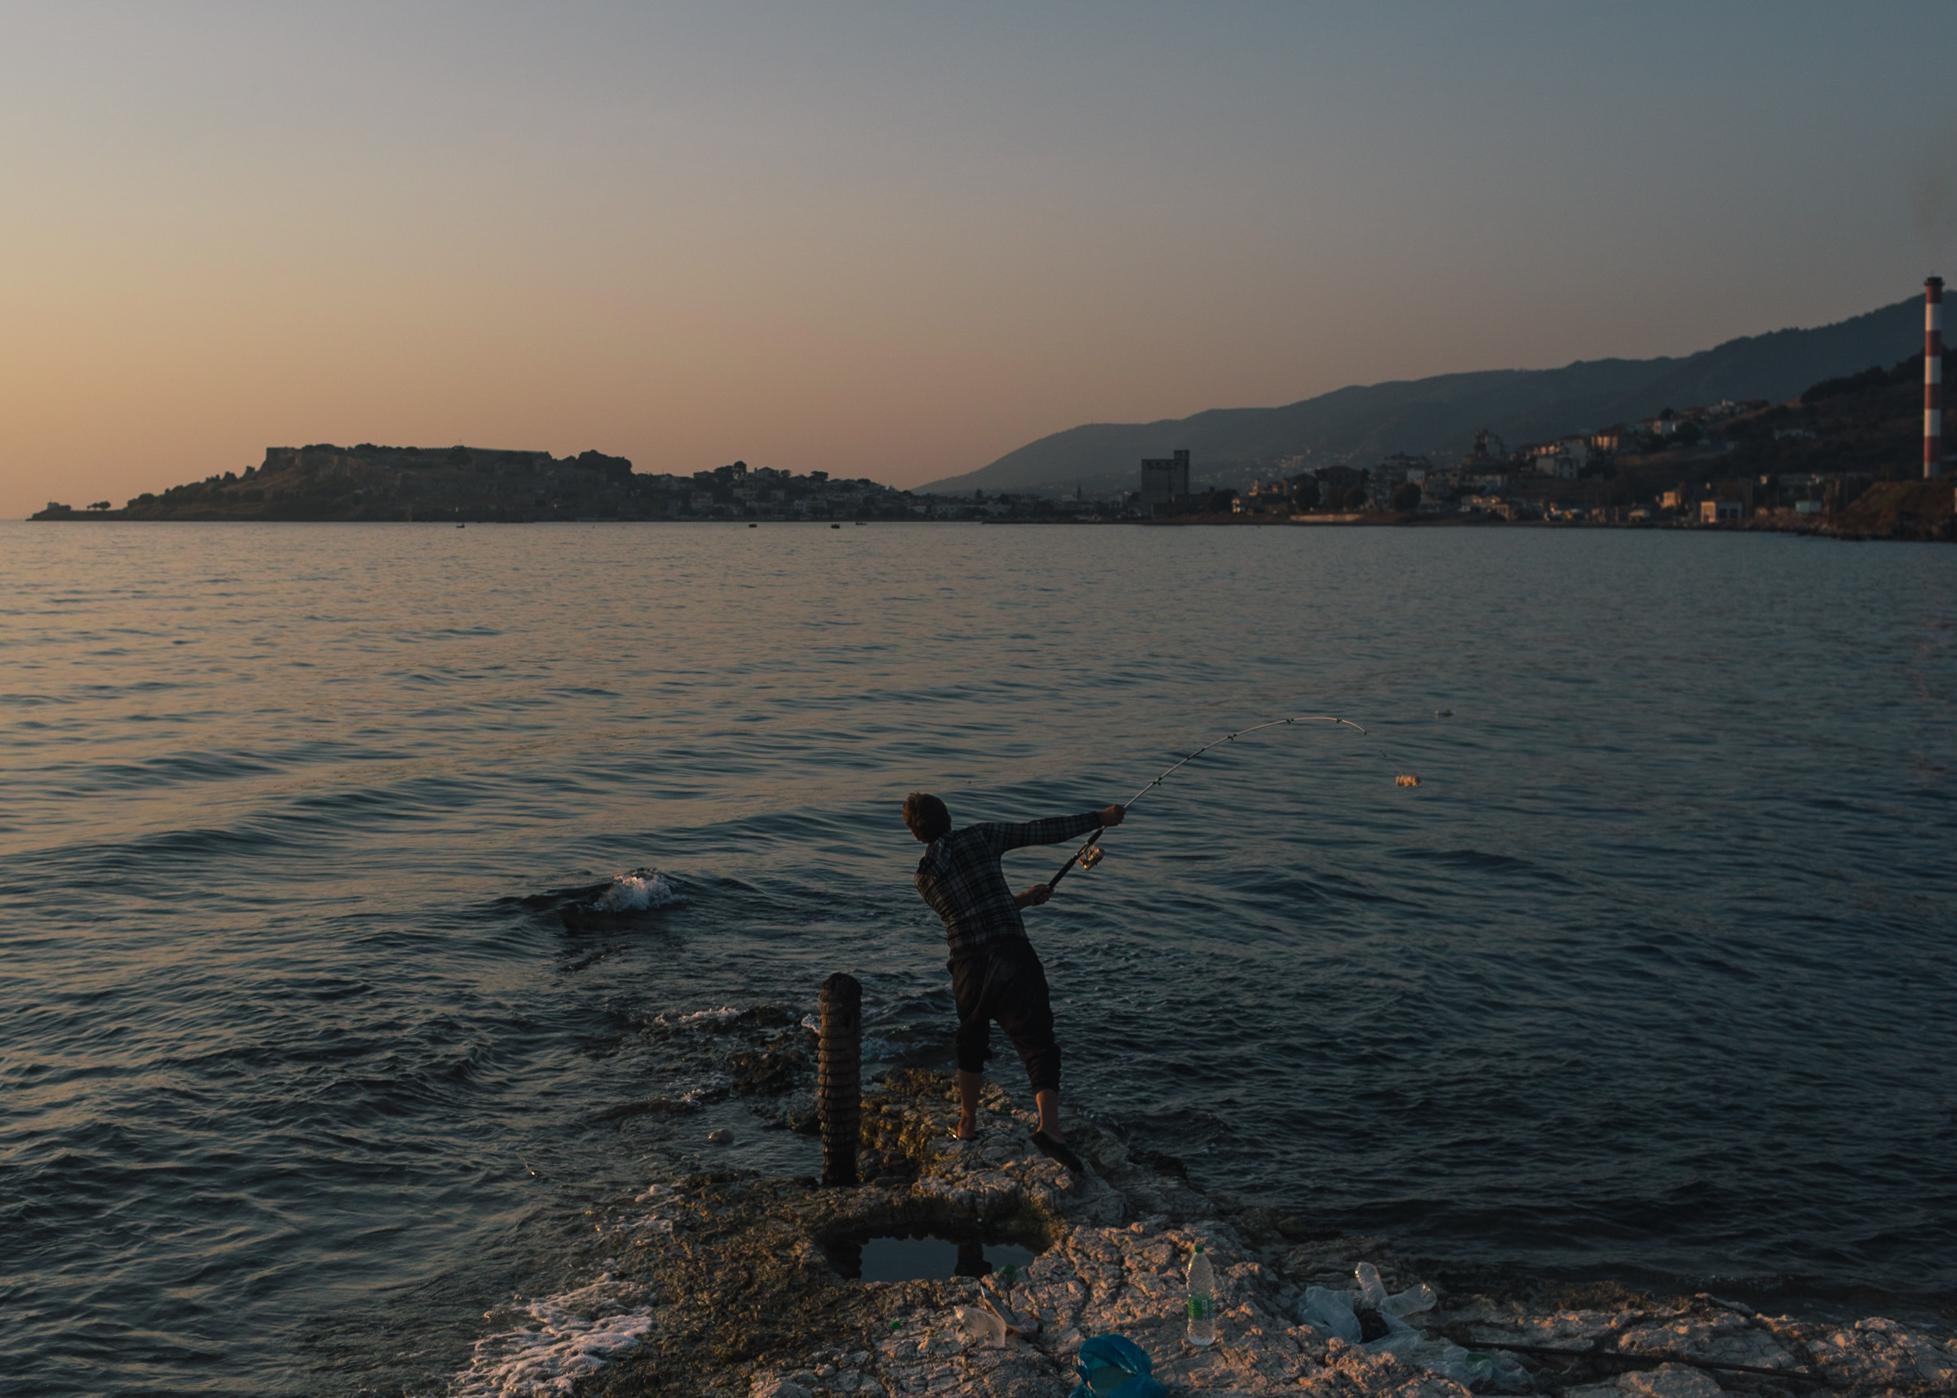 Ohab aus Kunduz in Afghanistan fischt am frühen Morgen Fische im Meer. Nachdem er fast anderthalb Jahre auf der Insel gewartet hat, hofft er nun bald den Termin für sein Asylinterview zu bekommen.